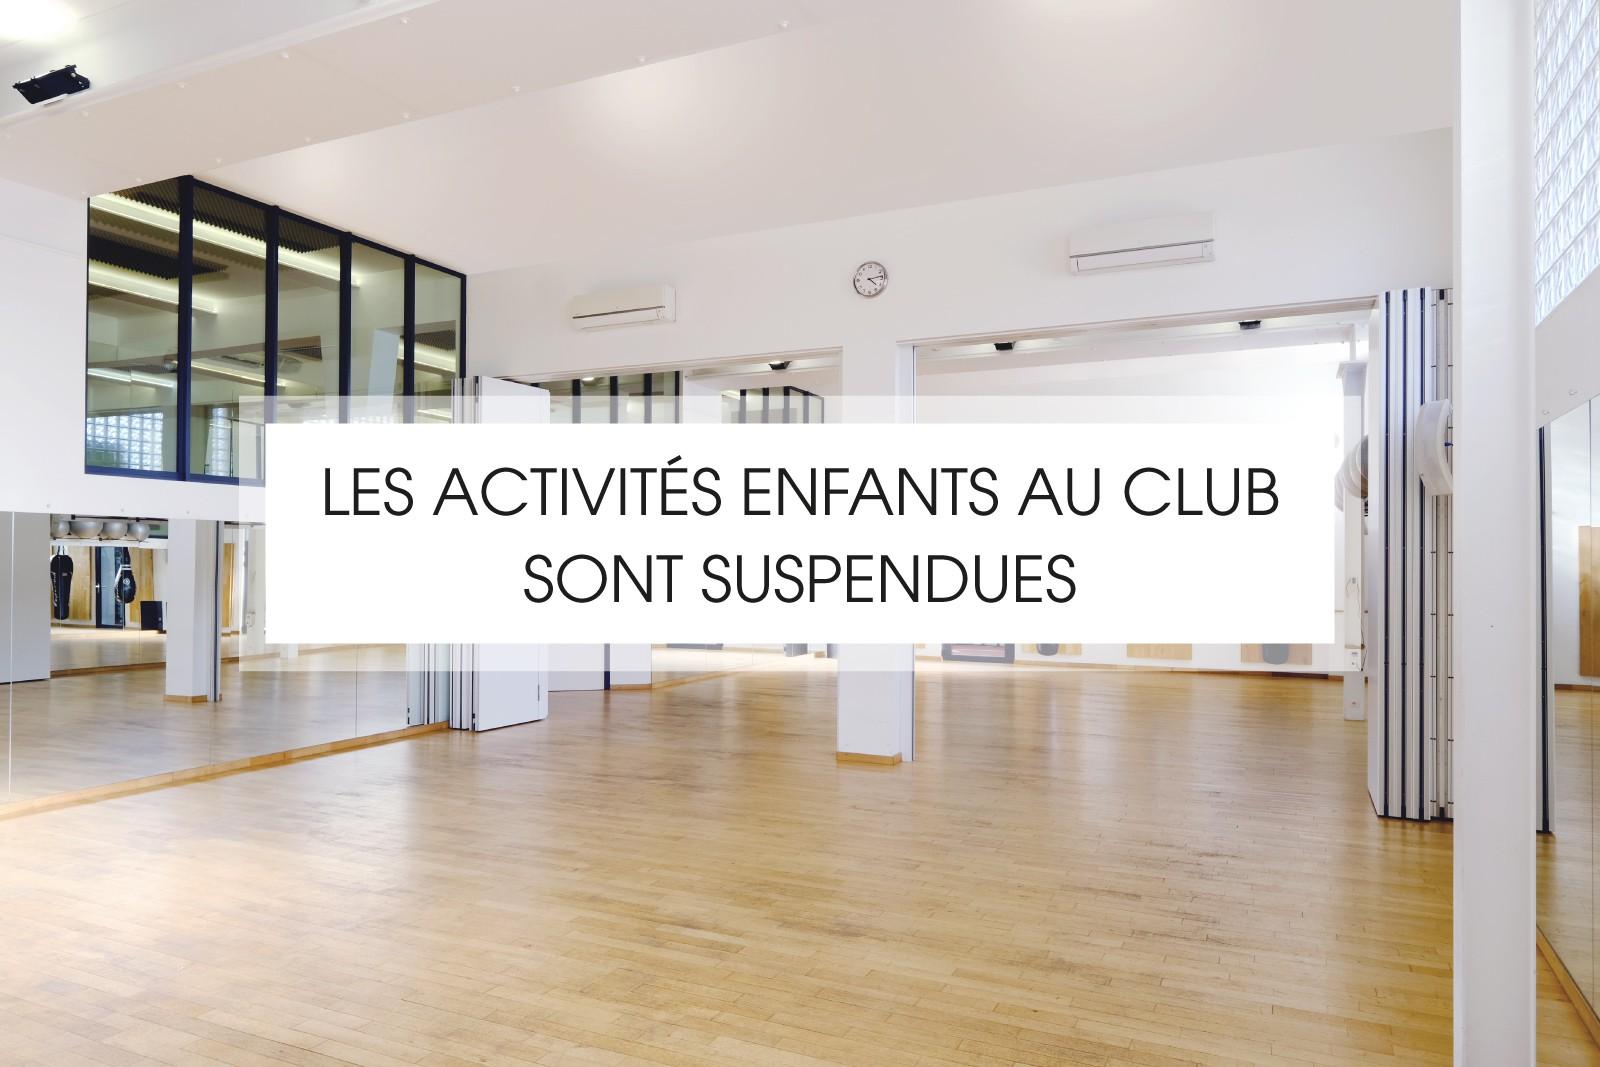 LES ACTIVITÉS ENFANTS AU CLUB SONT SUSPENDUES